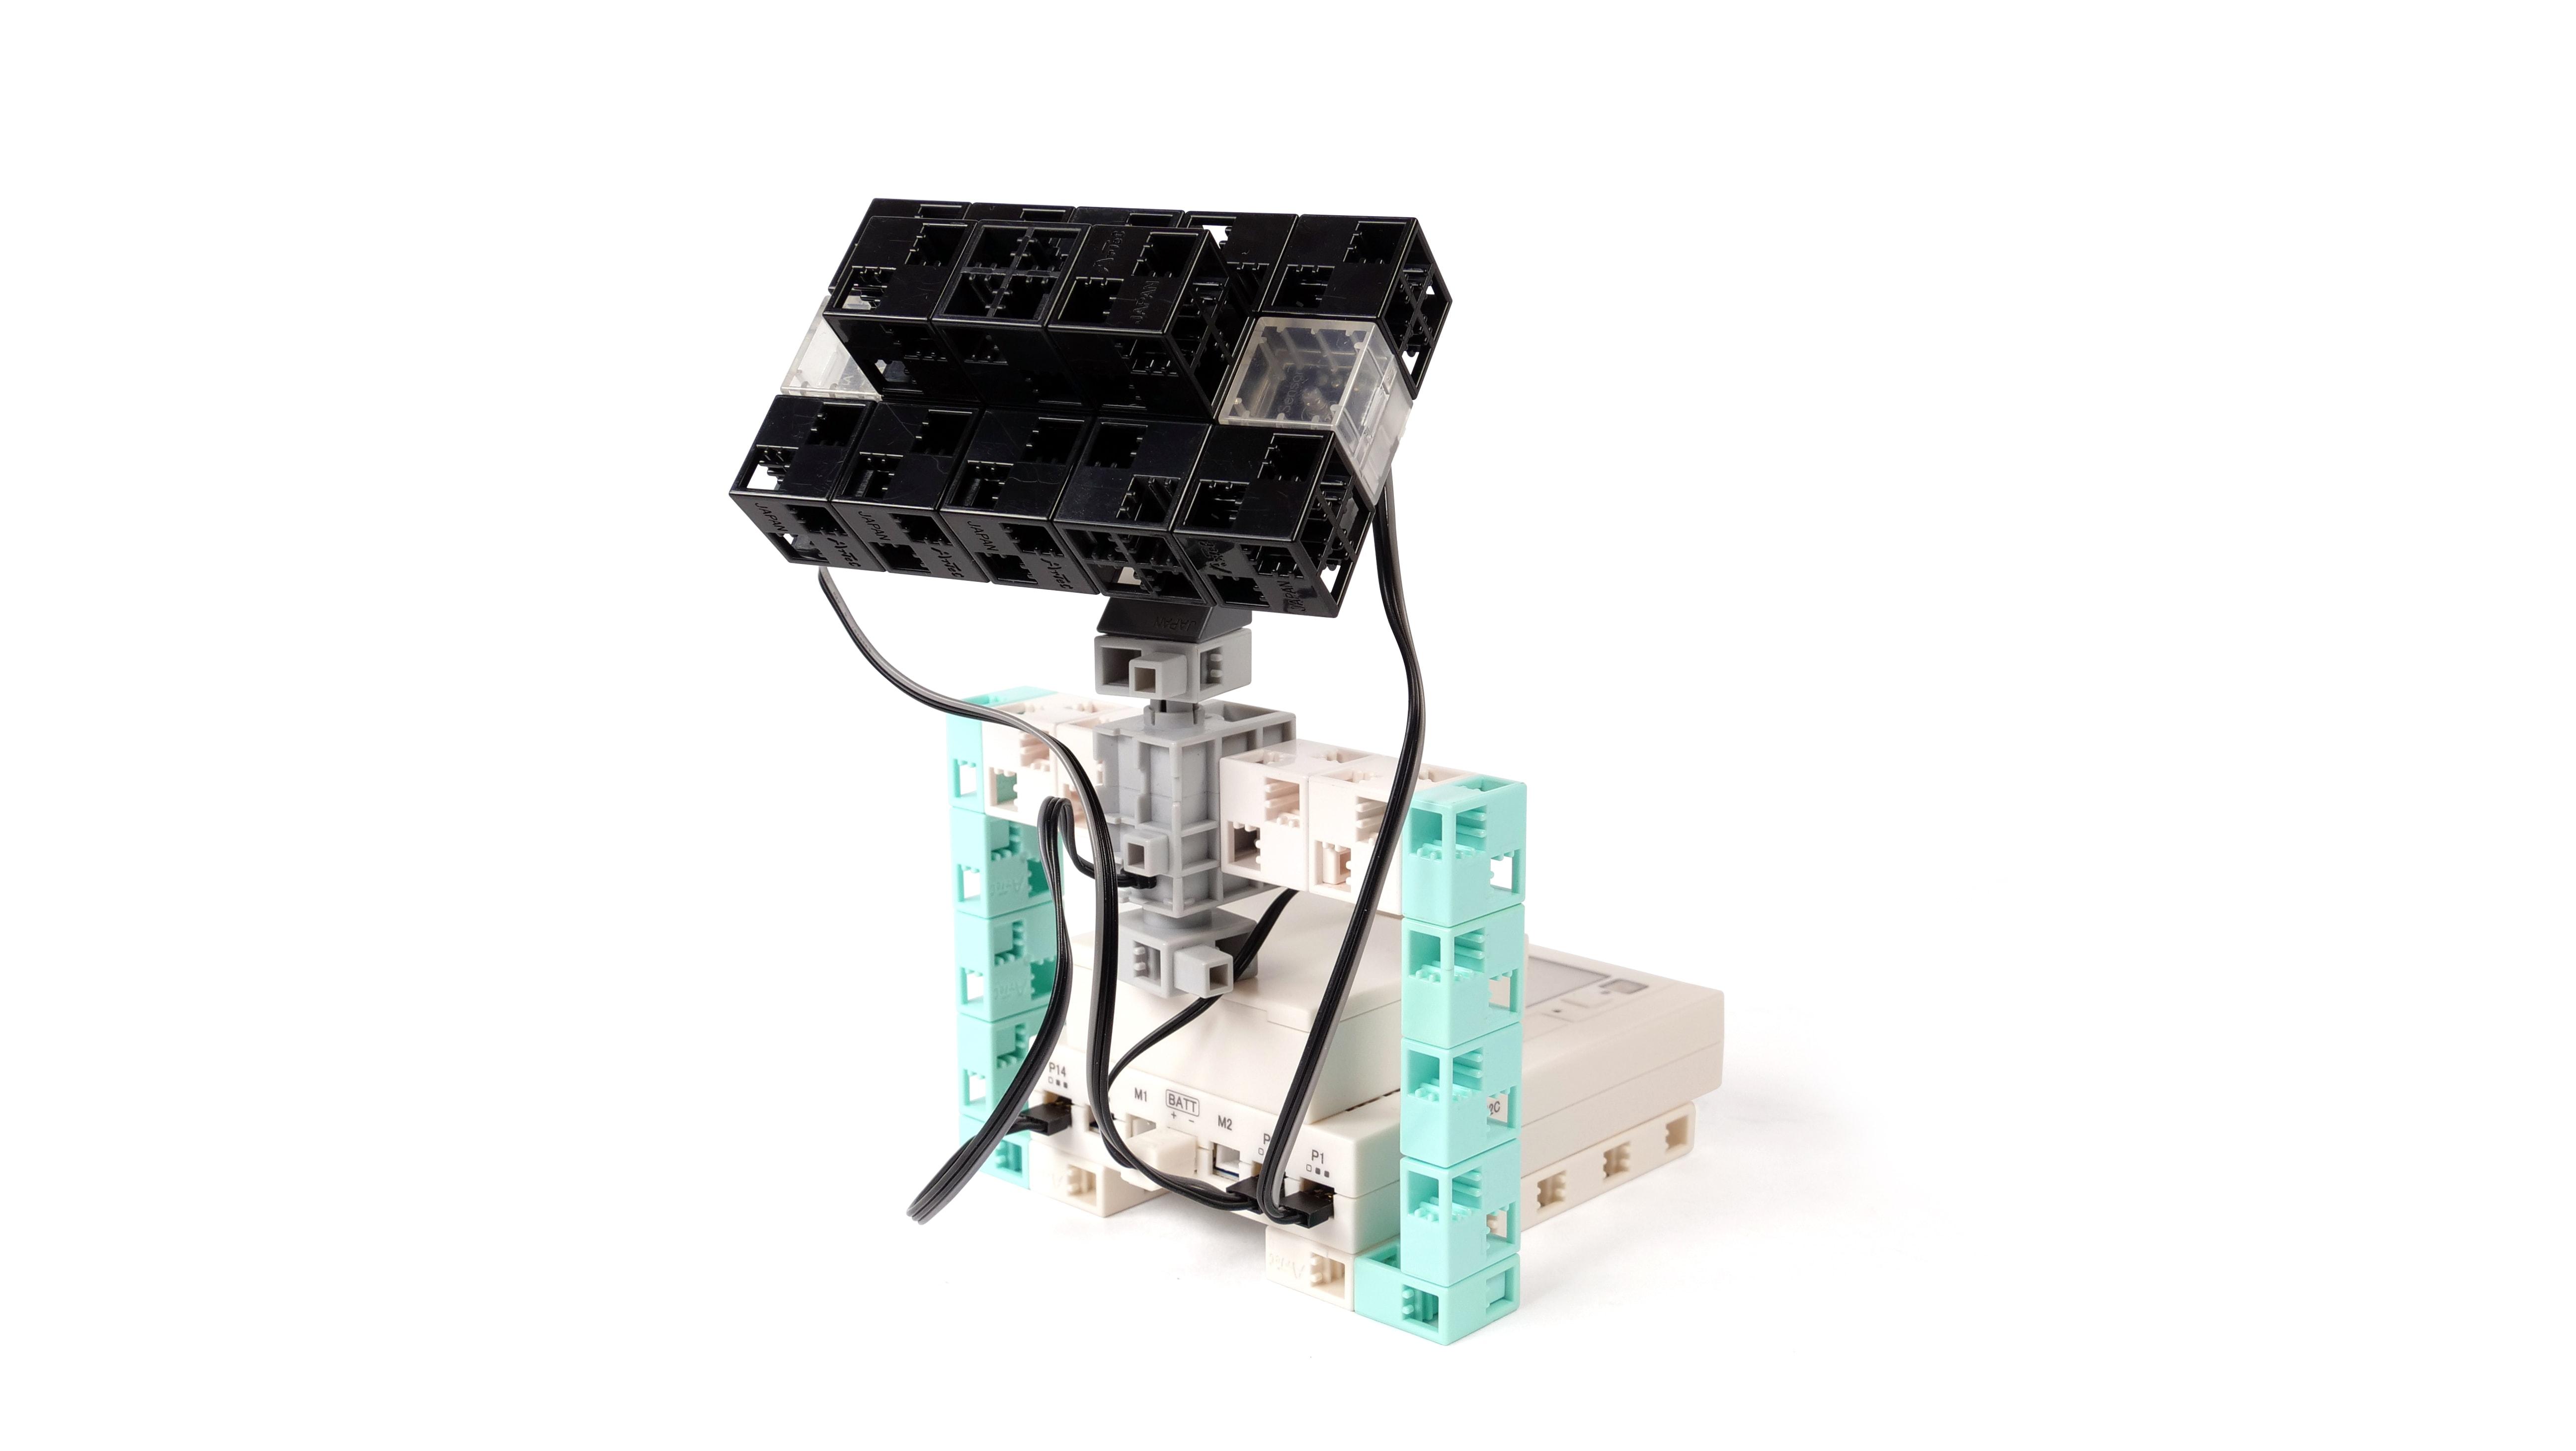 cours adulte pour programmer en Python un panneau solaire